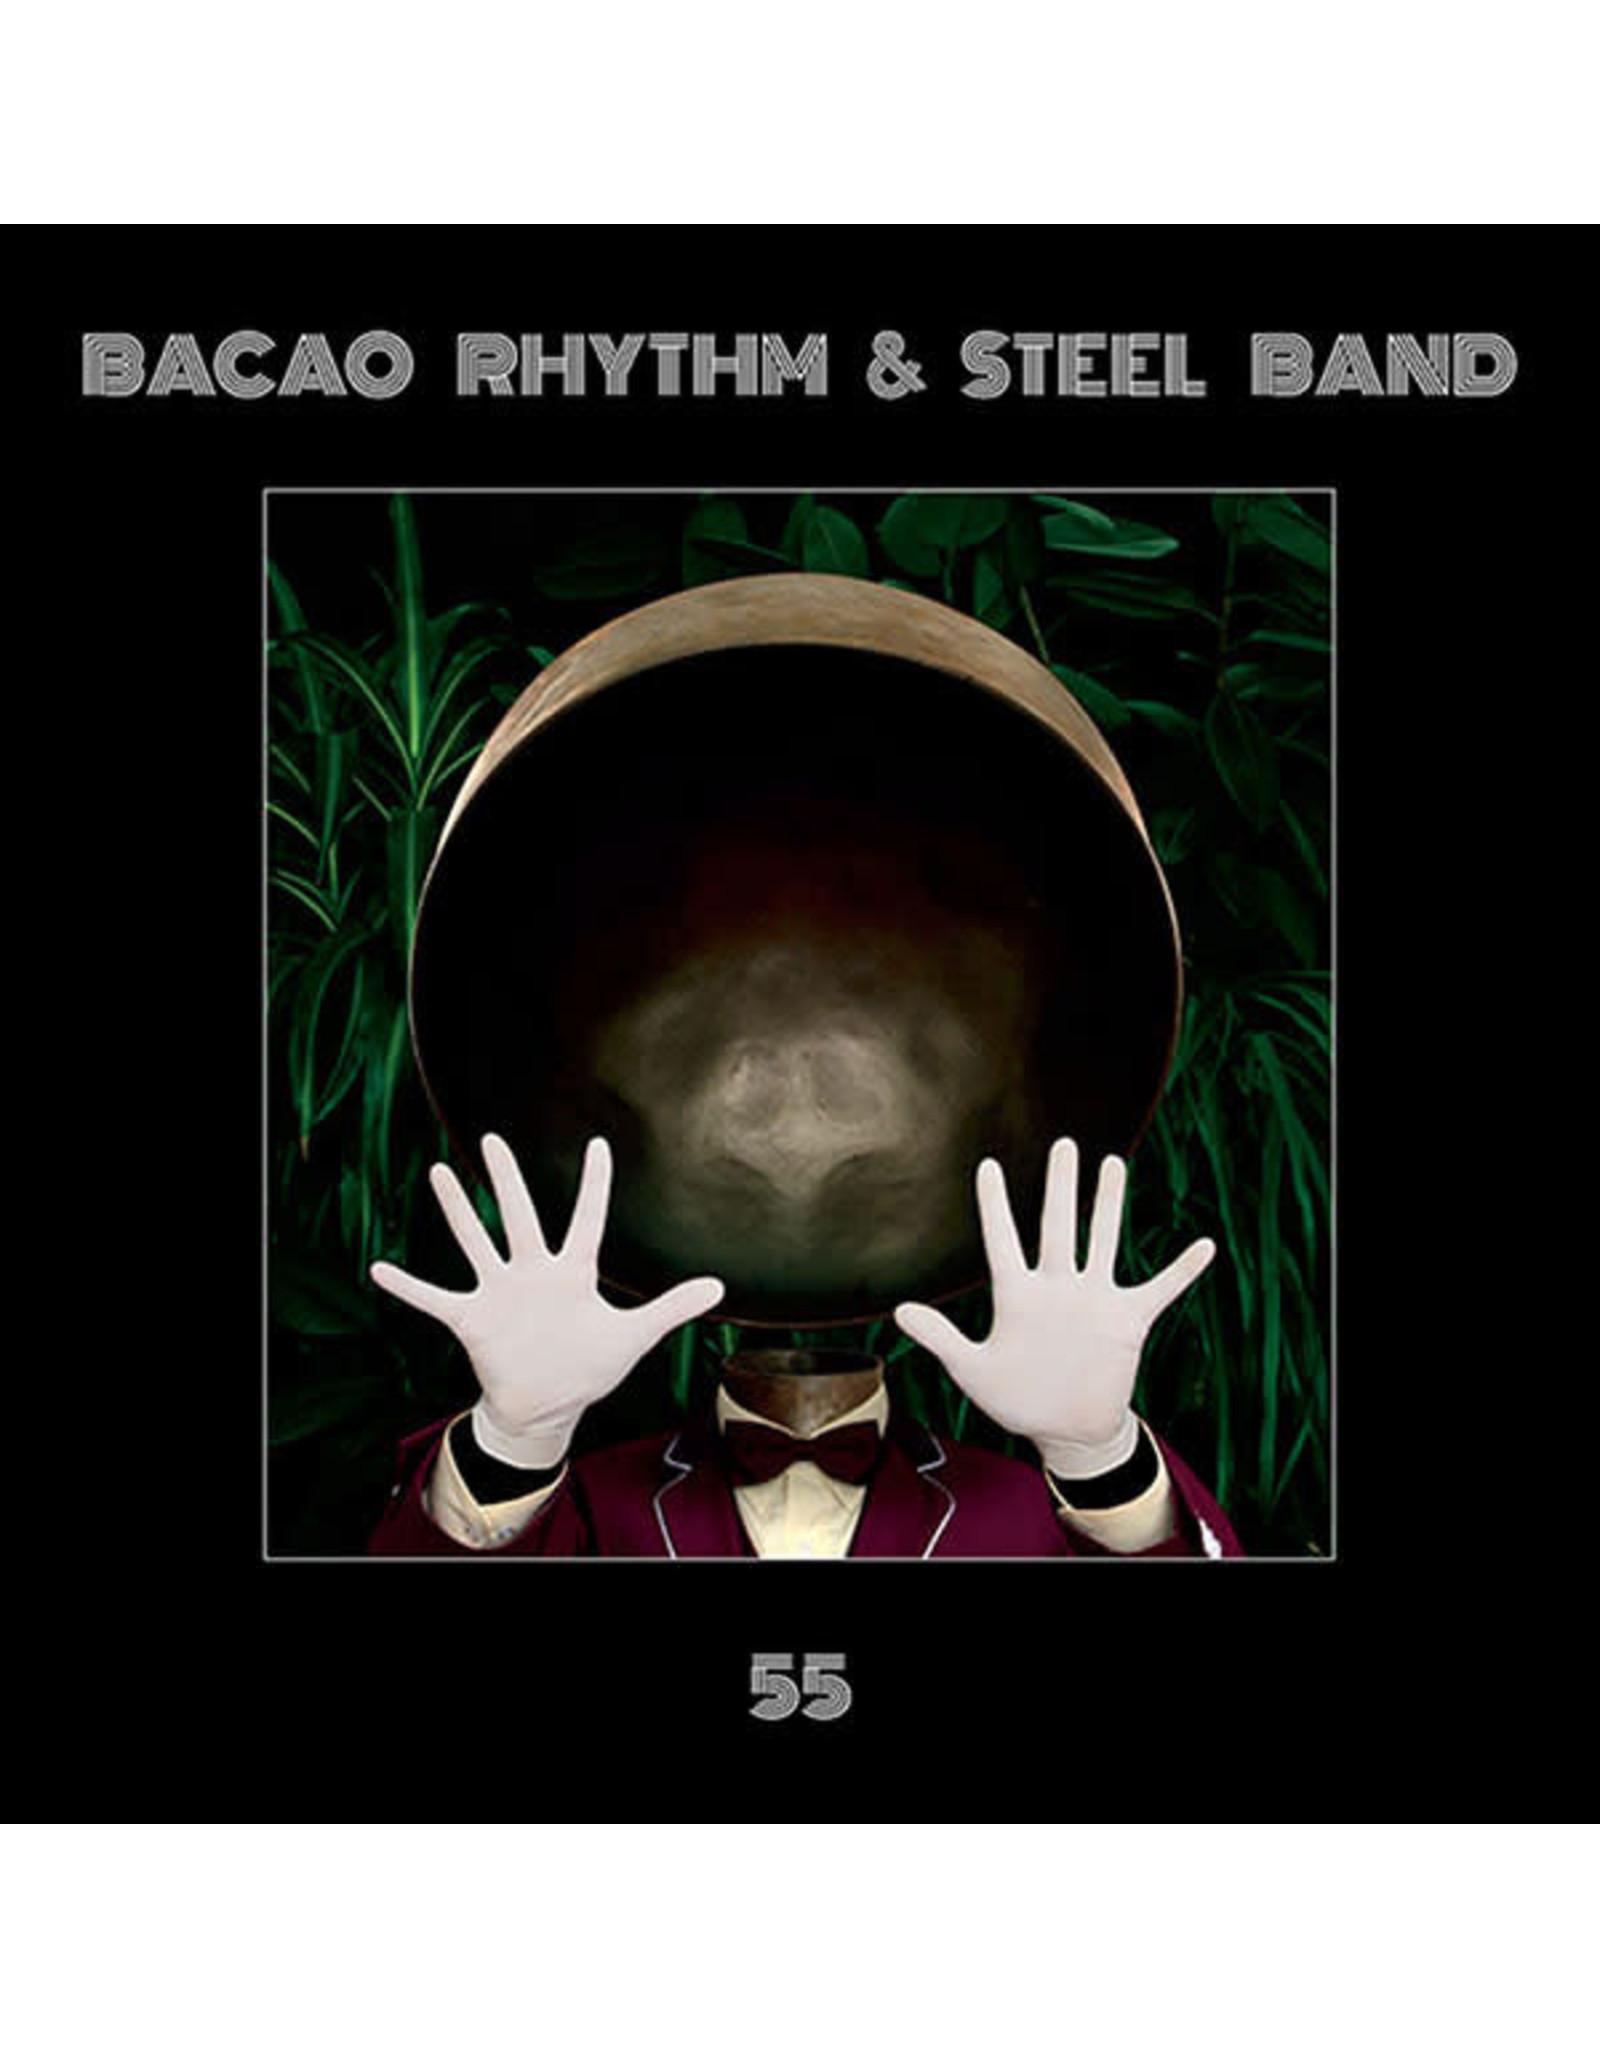 Big Crown Bacao Rhythm & Steel Band: 55 LP